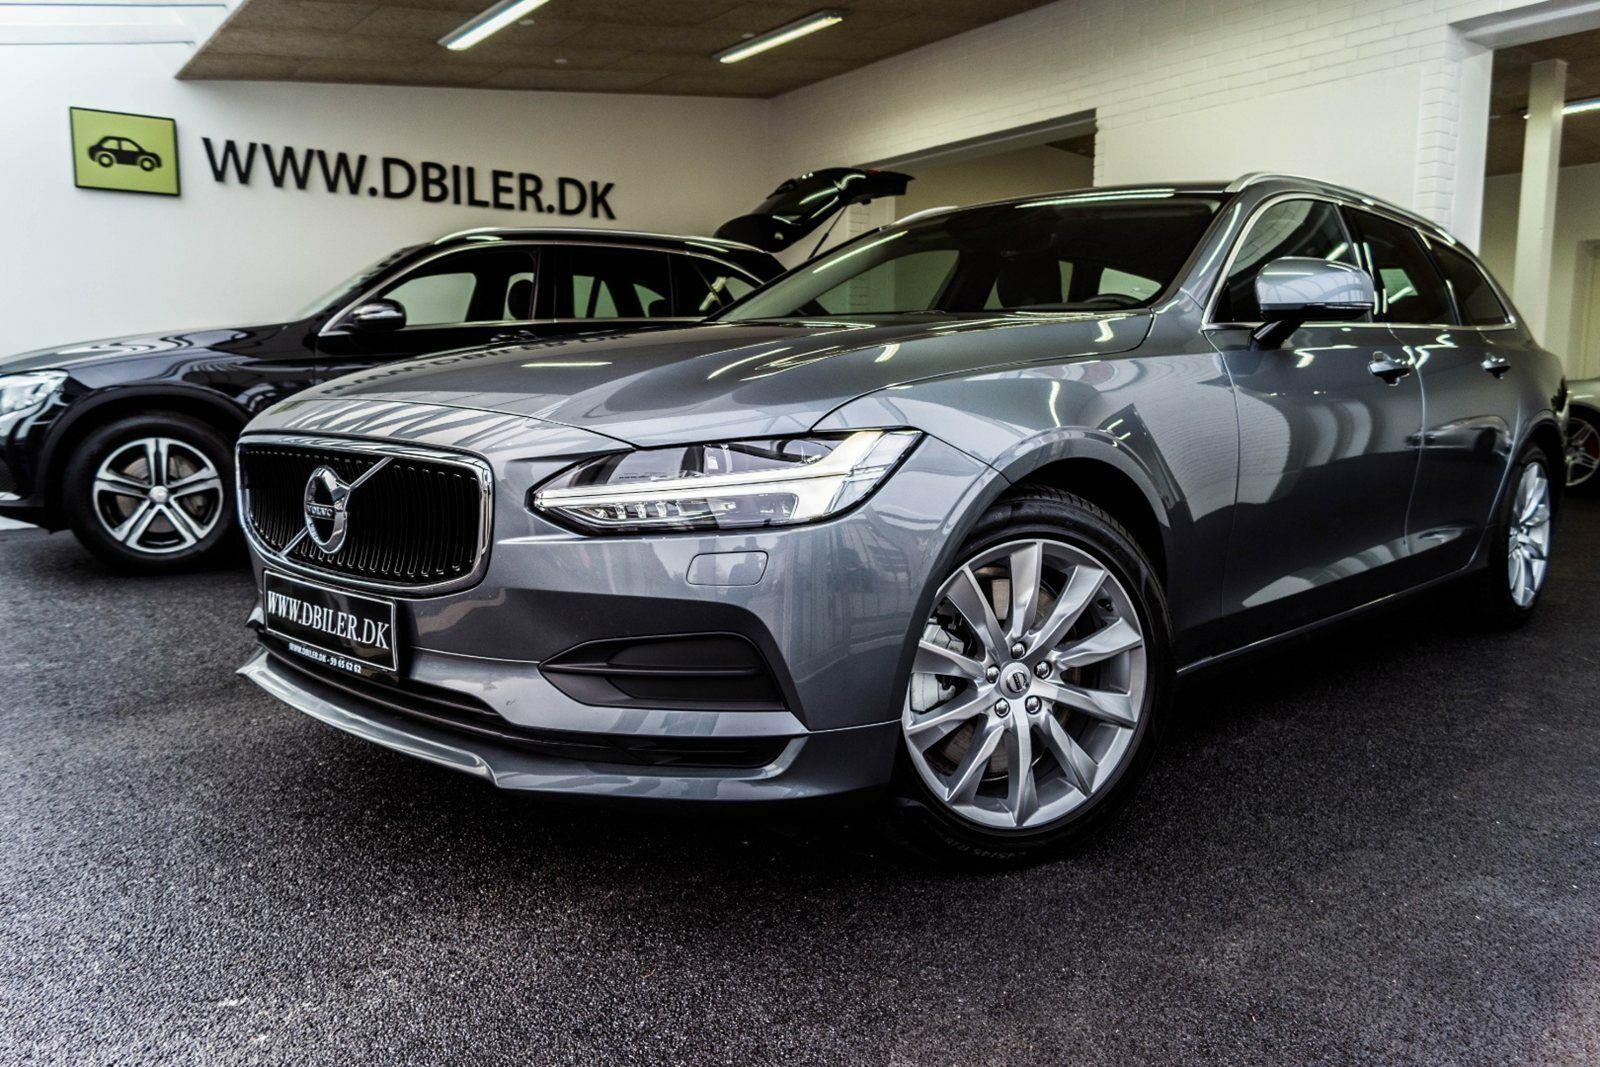 Volvo V90 2,0 T4 190 Momentum aut. 5d - 598.000 kr.